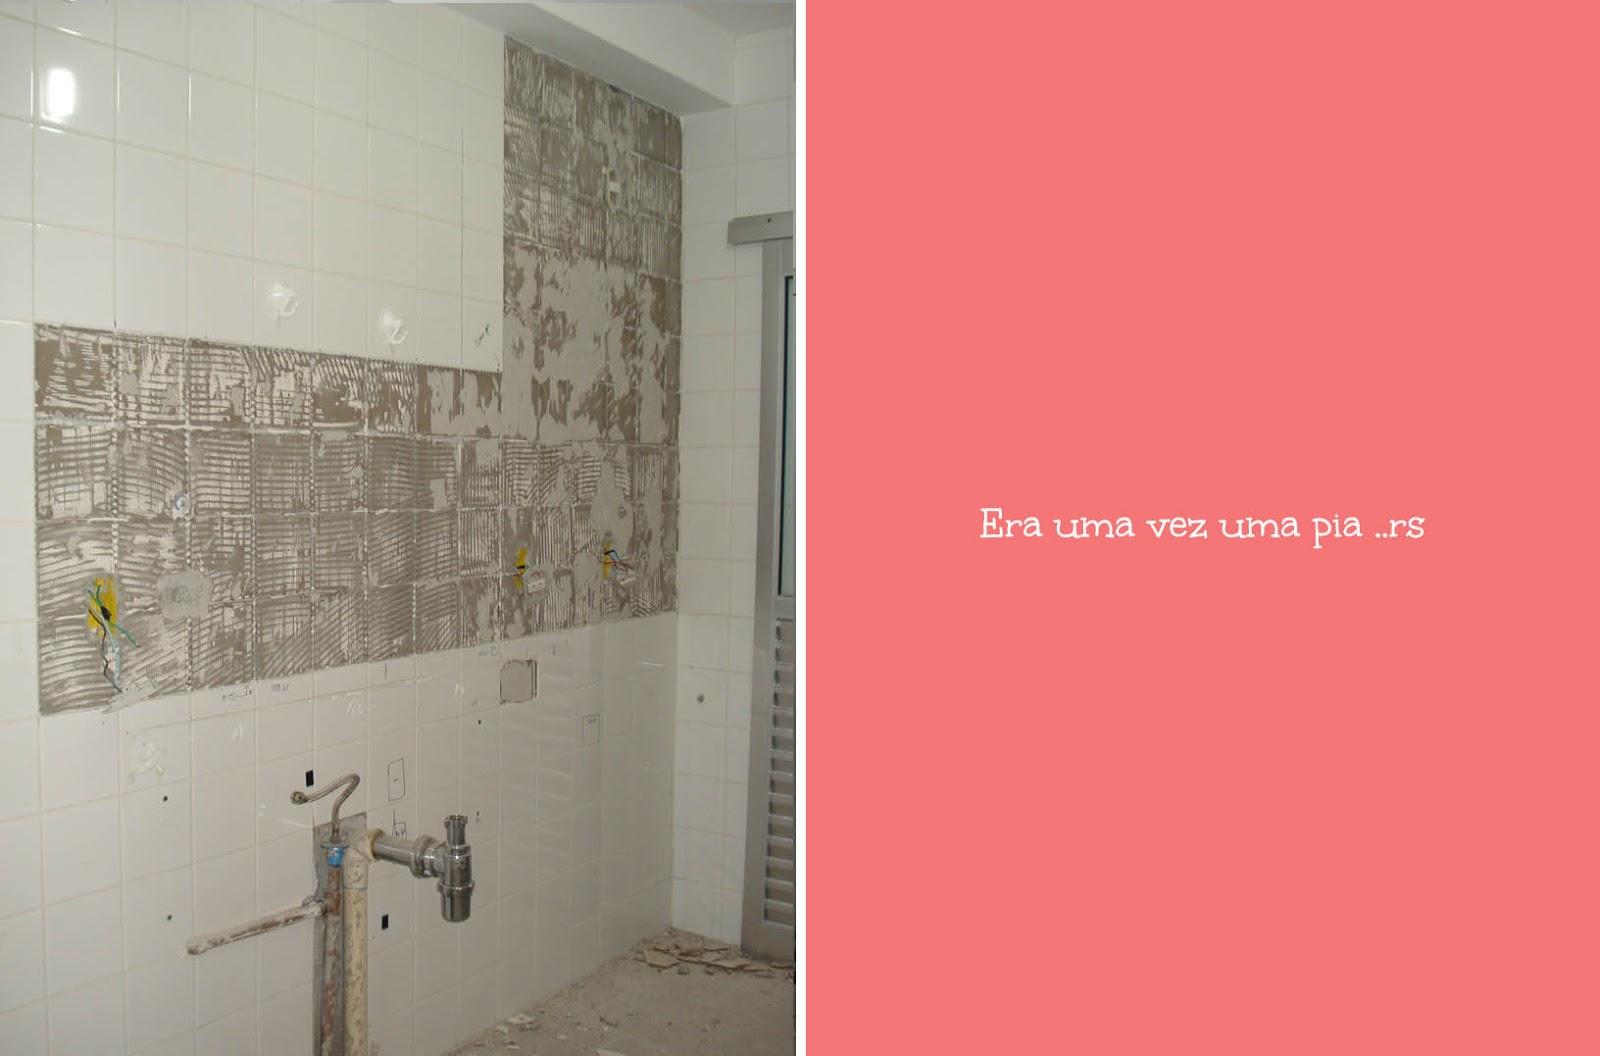 refazer o gesso do banheiro pois não tinha como tirar os azulejos sem #BA1113 1600 1056